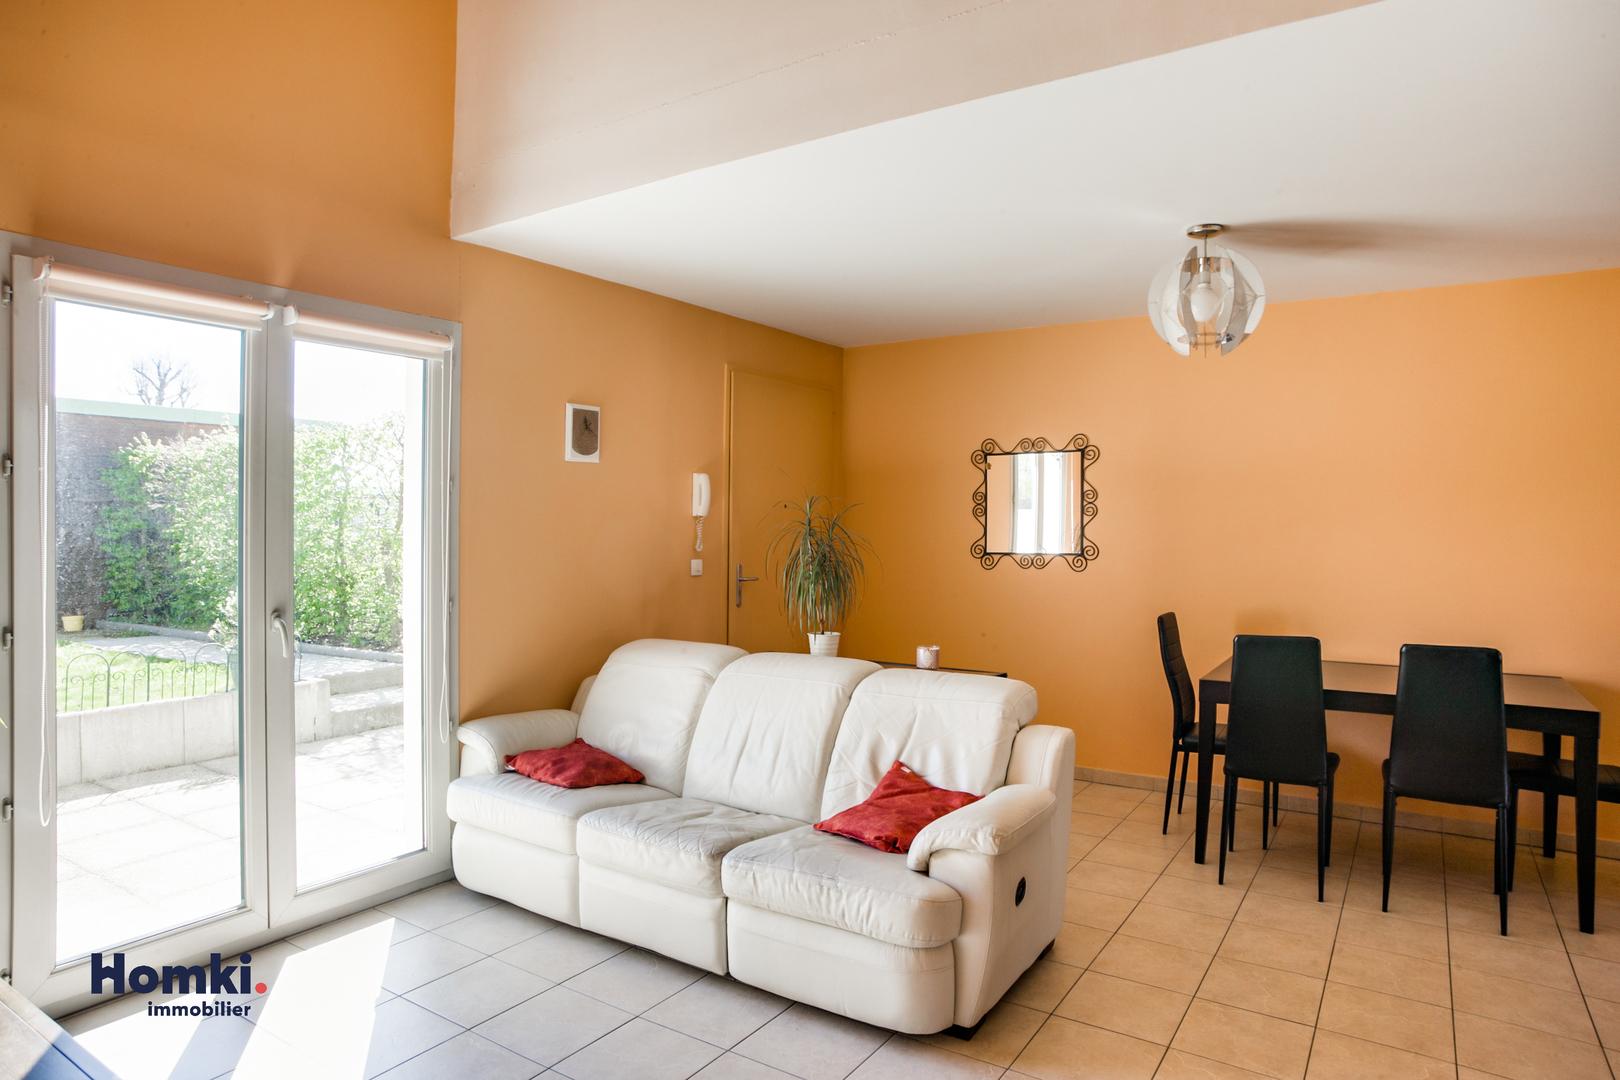 Vente appartement 104m² T5 69480_4